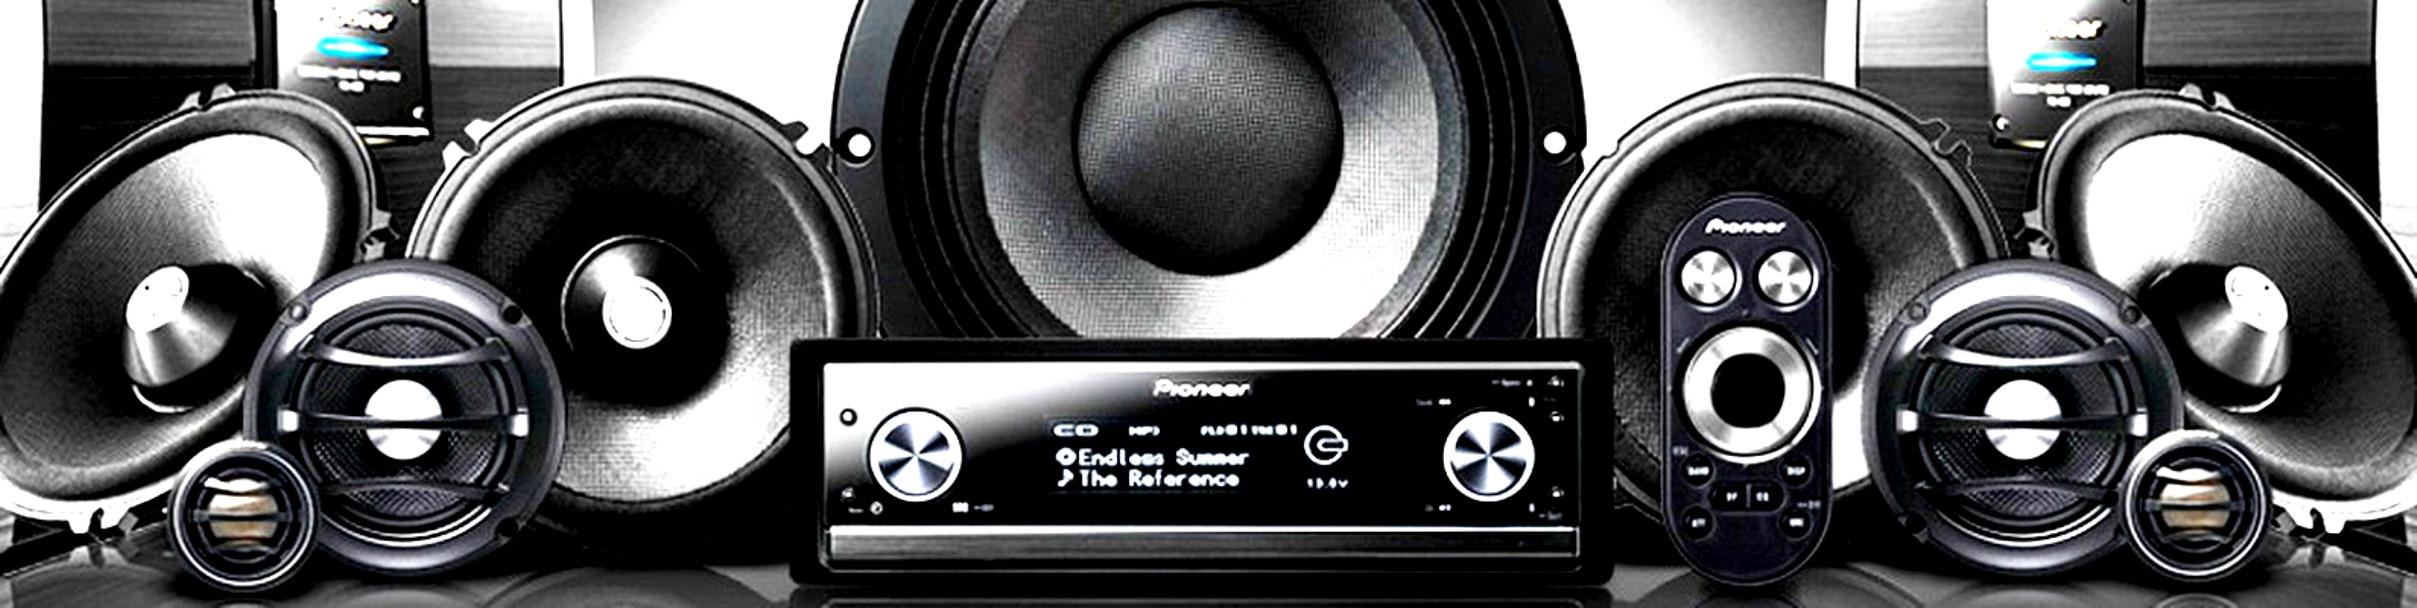 Ocjena najboljih zvučnika od 20 cm za automobile za 2020. godinu